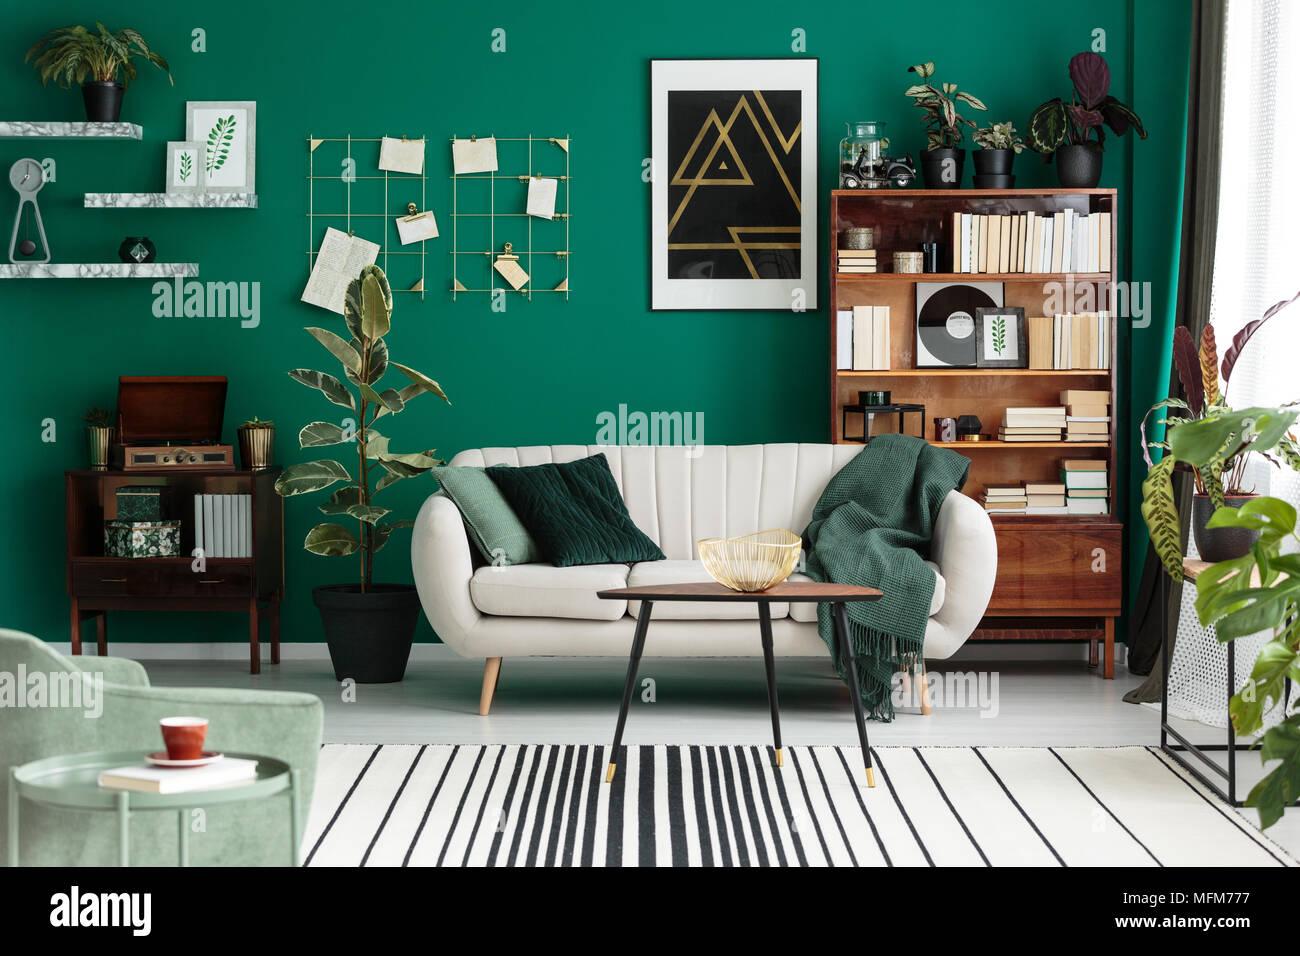 Modernes Design Botanic Wohnzimmer Mit Gemütlichen Beige Sofa